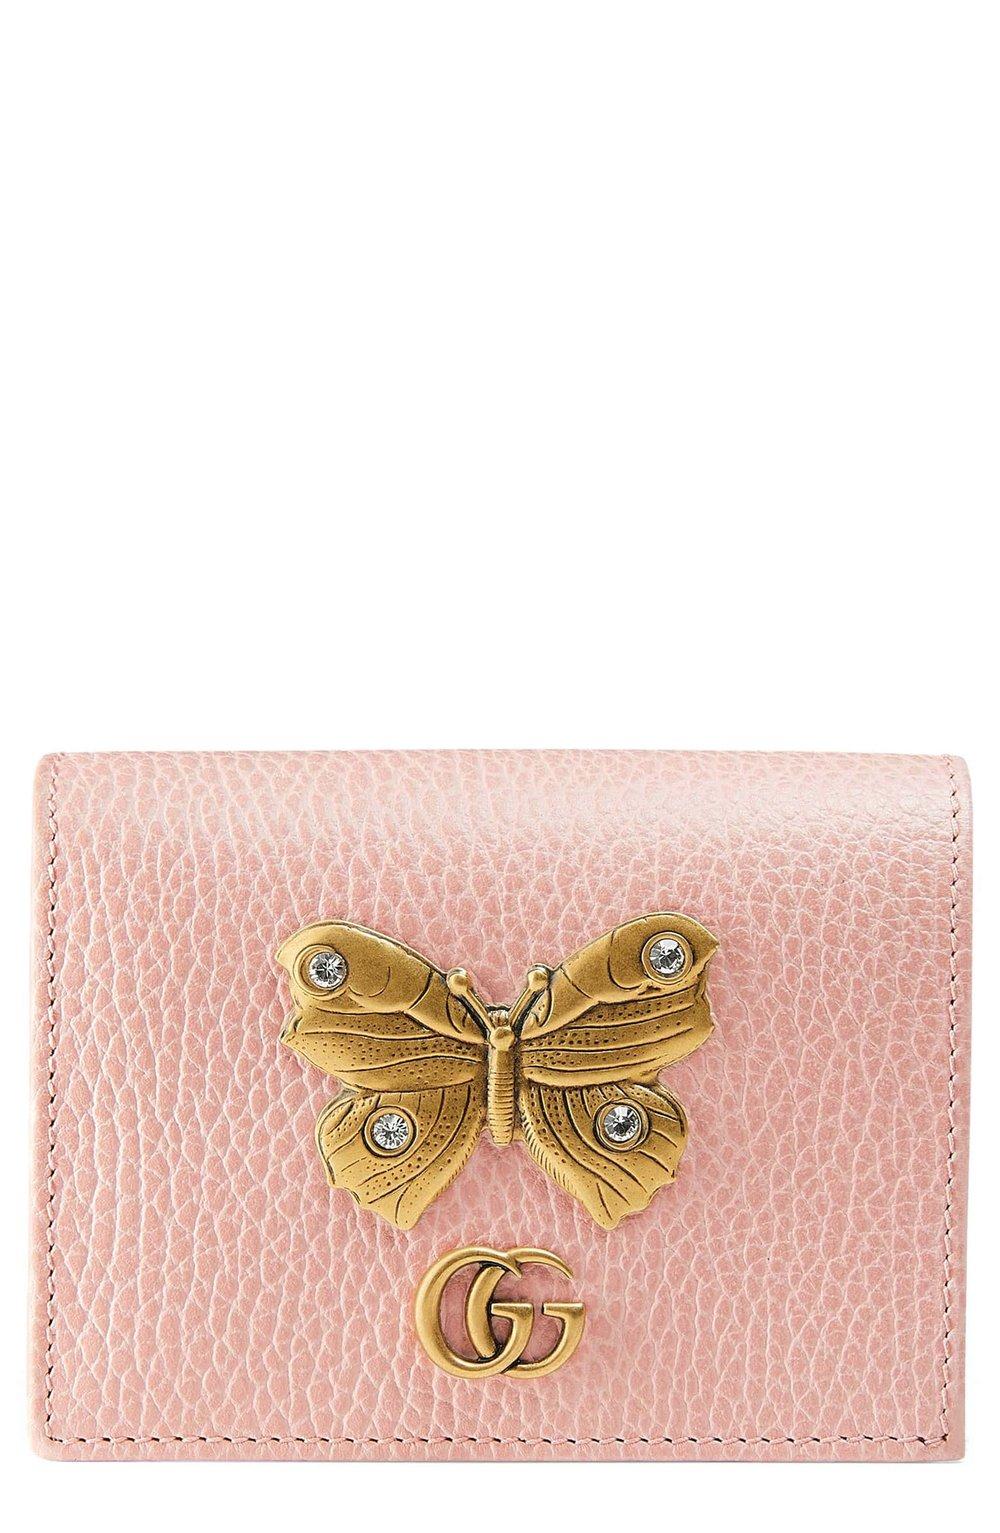 gucci butterfly wallet.jpg